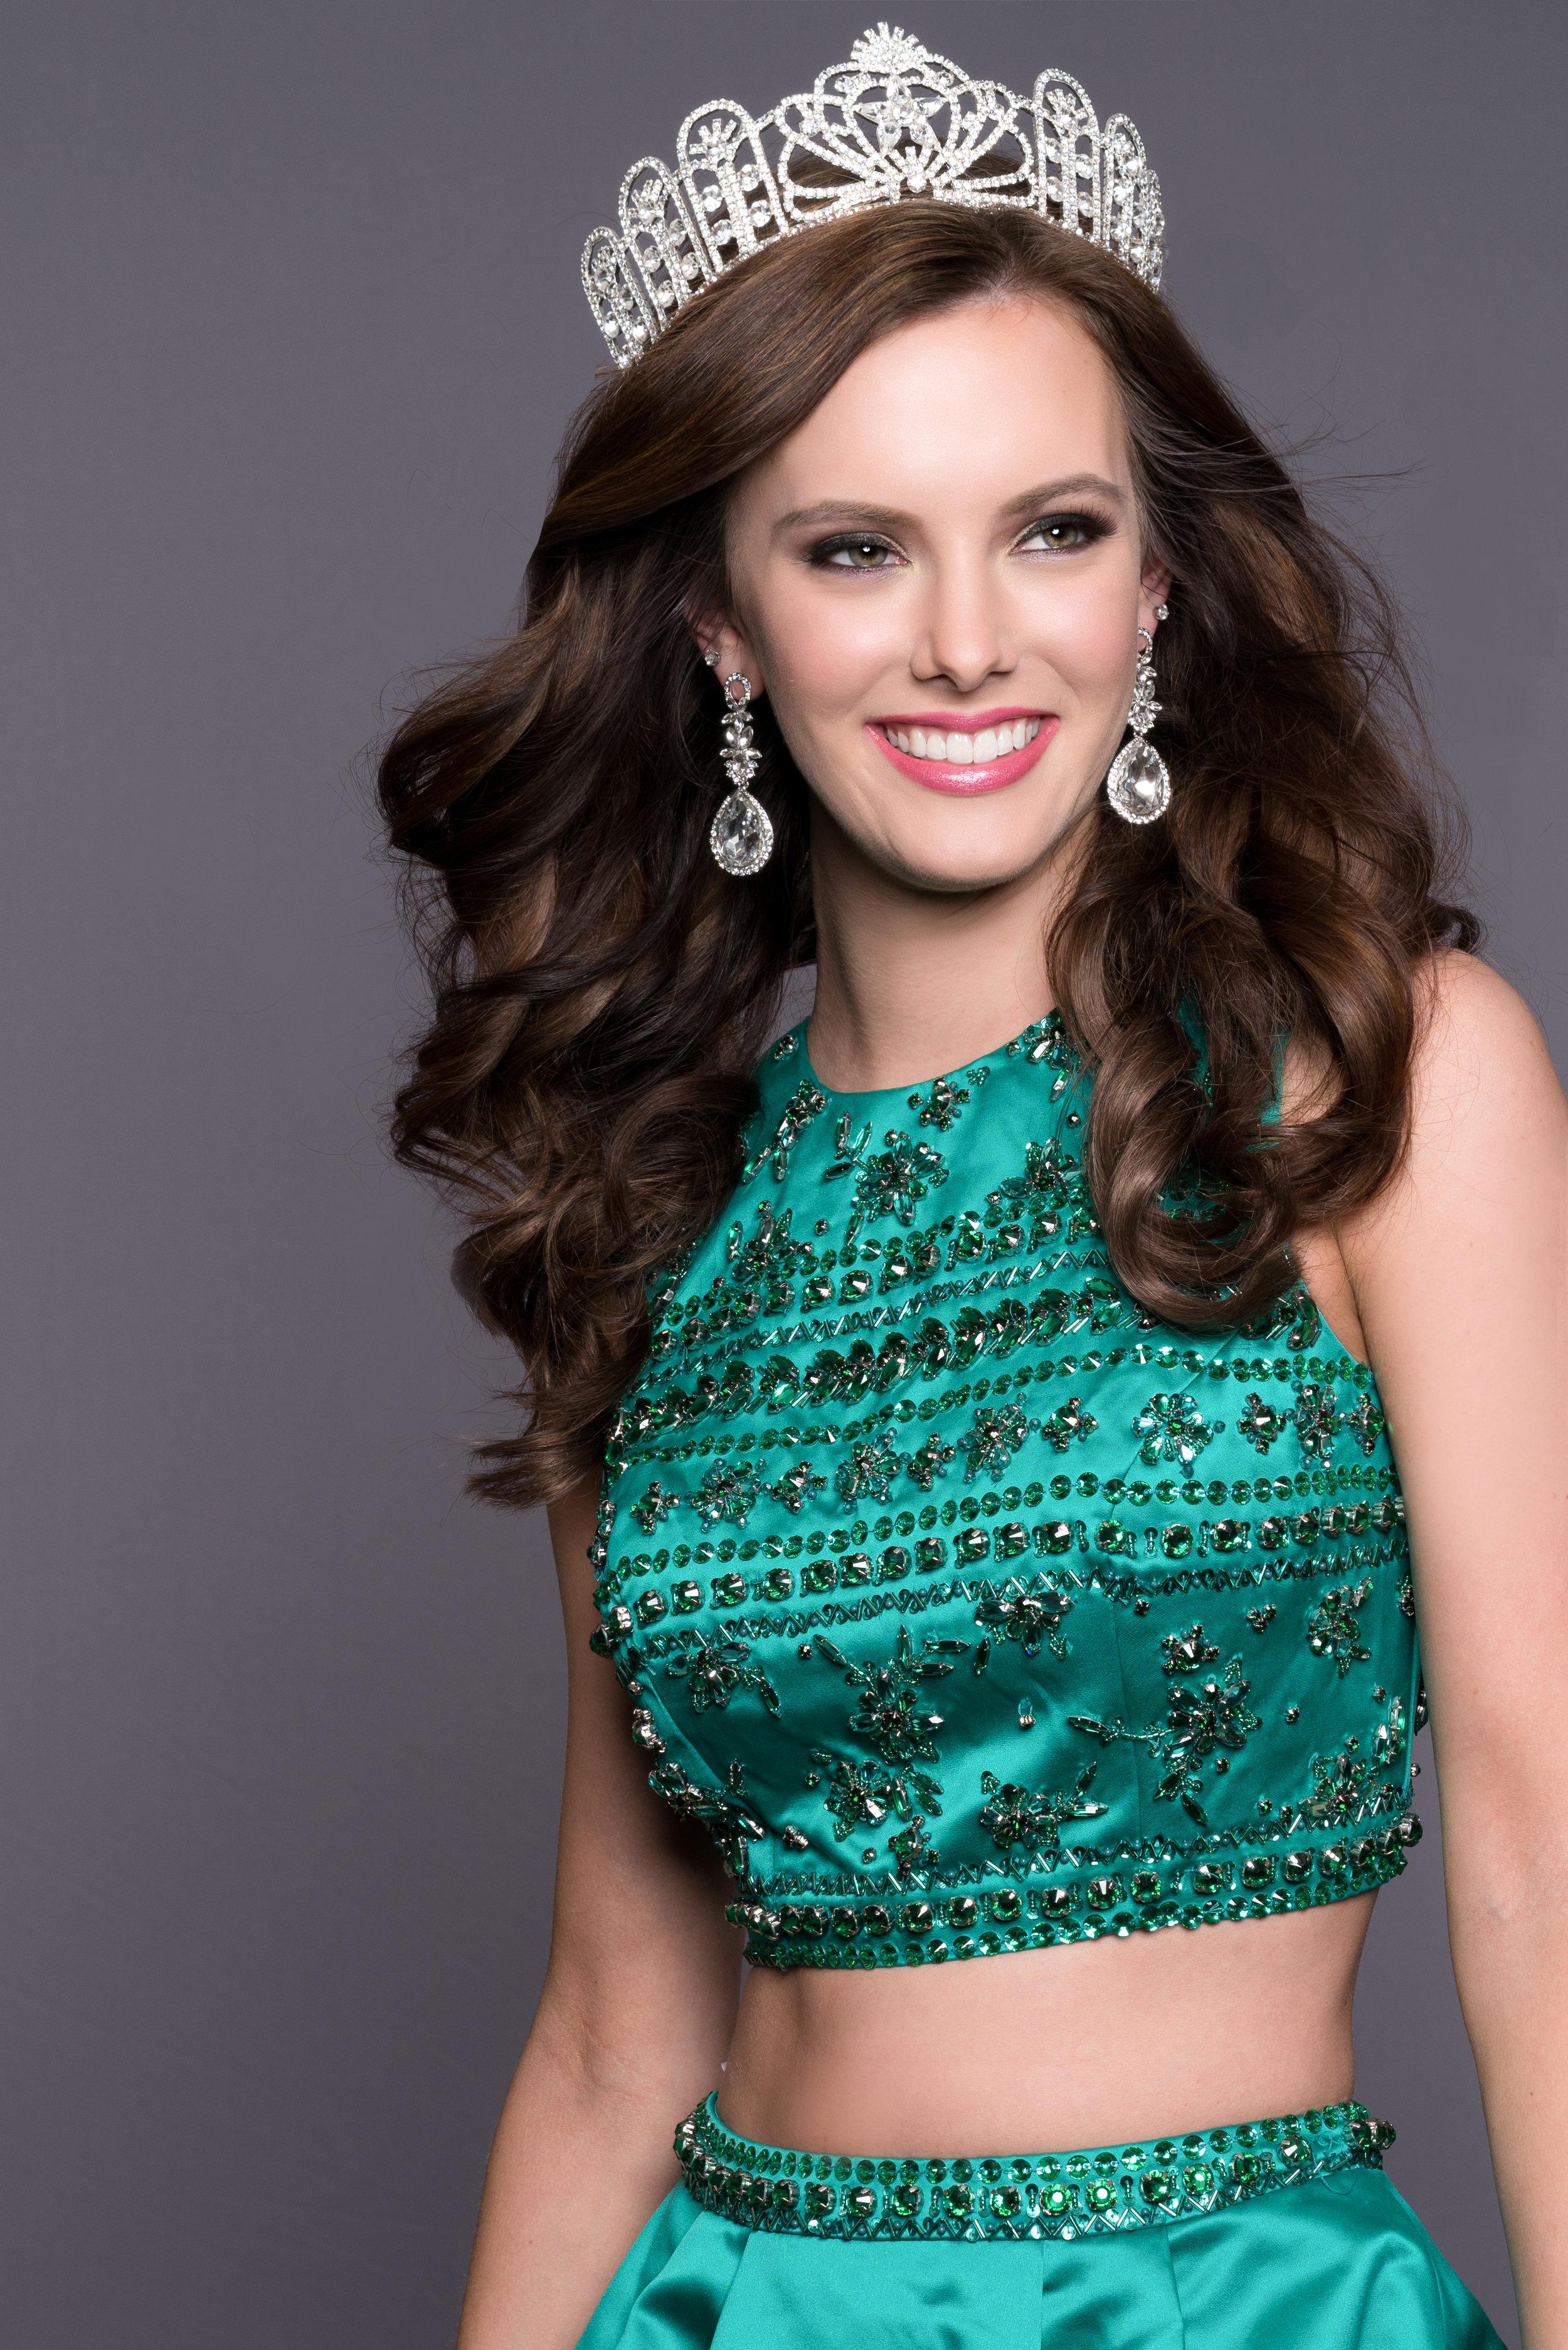 Miss Maryland Teen 2016